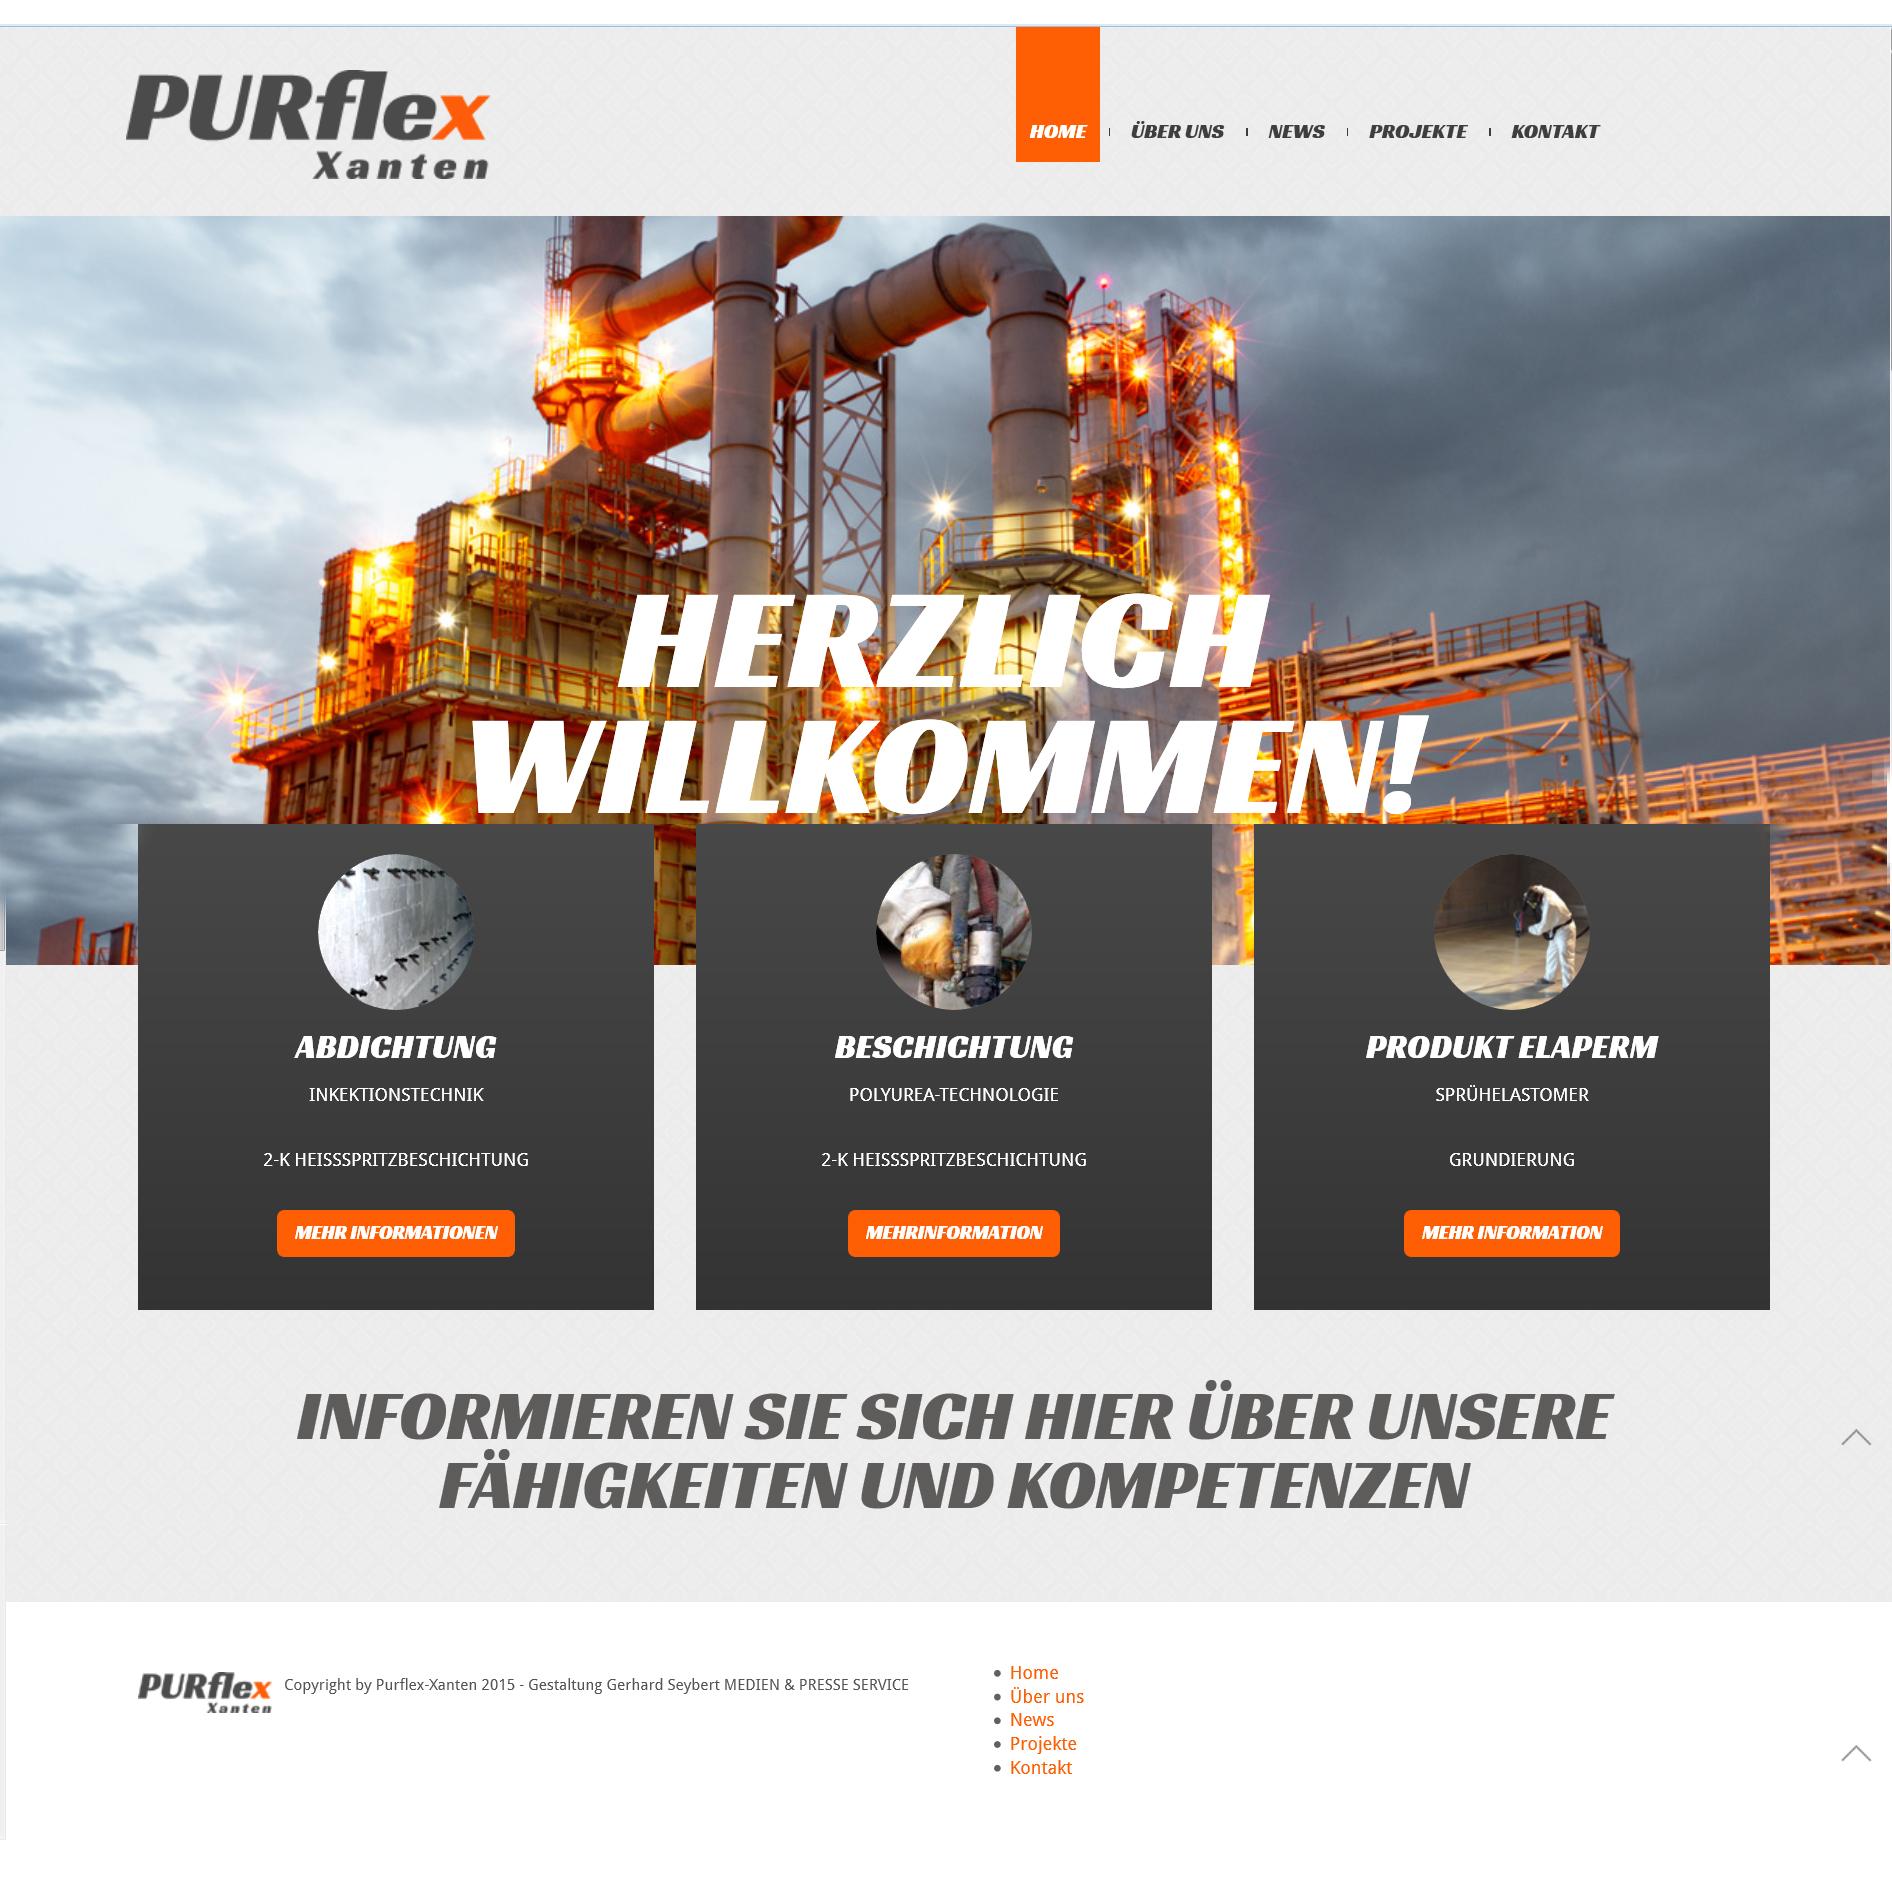 Purflex2